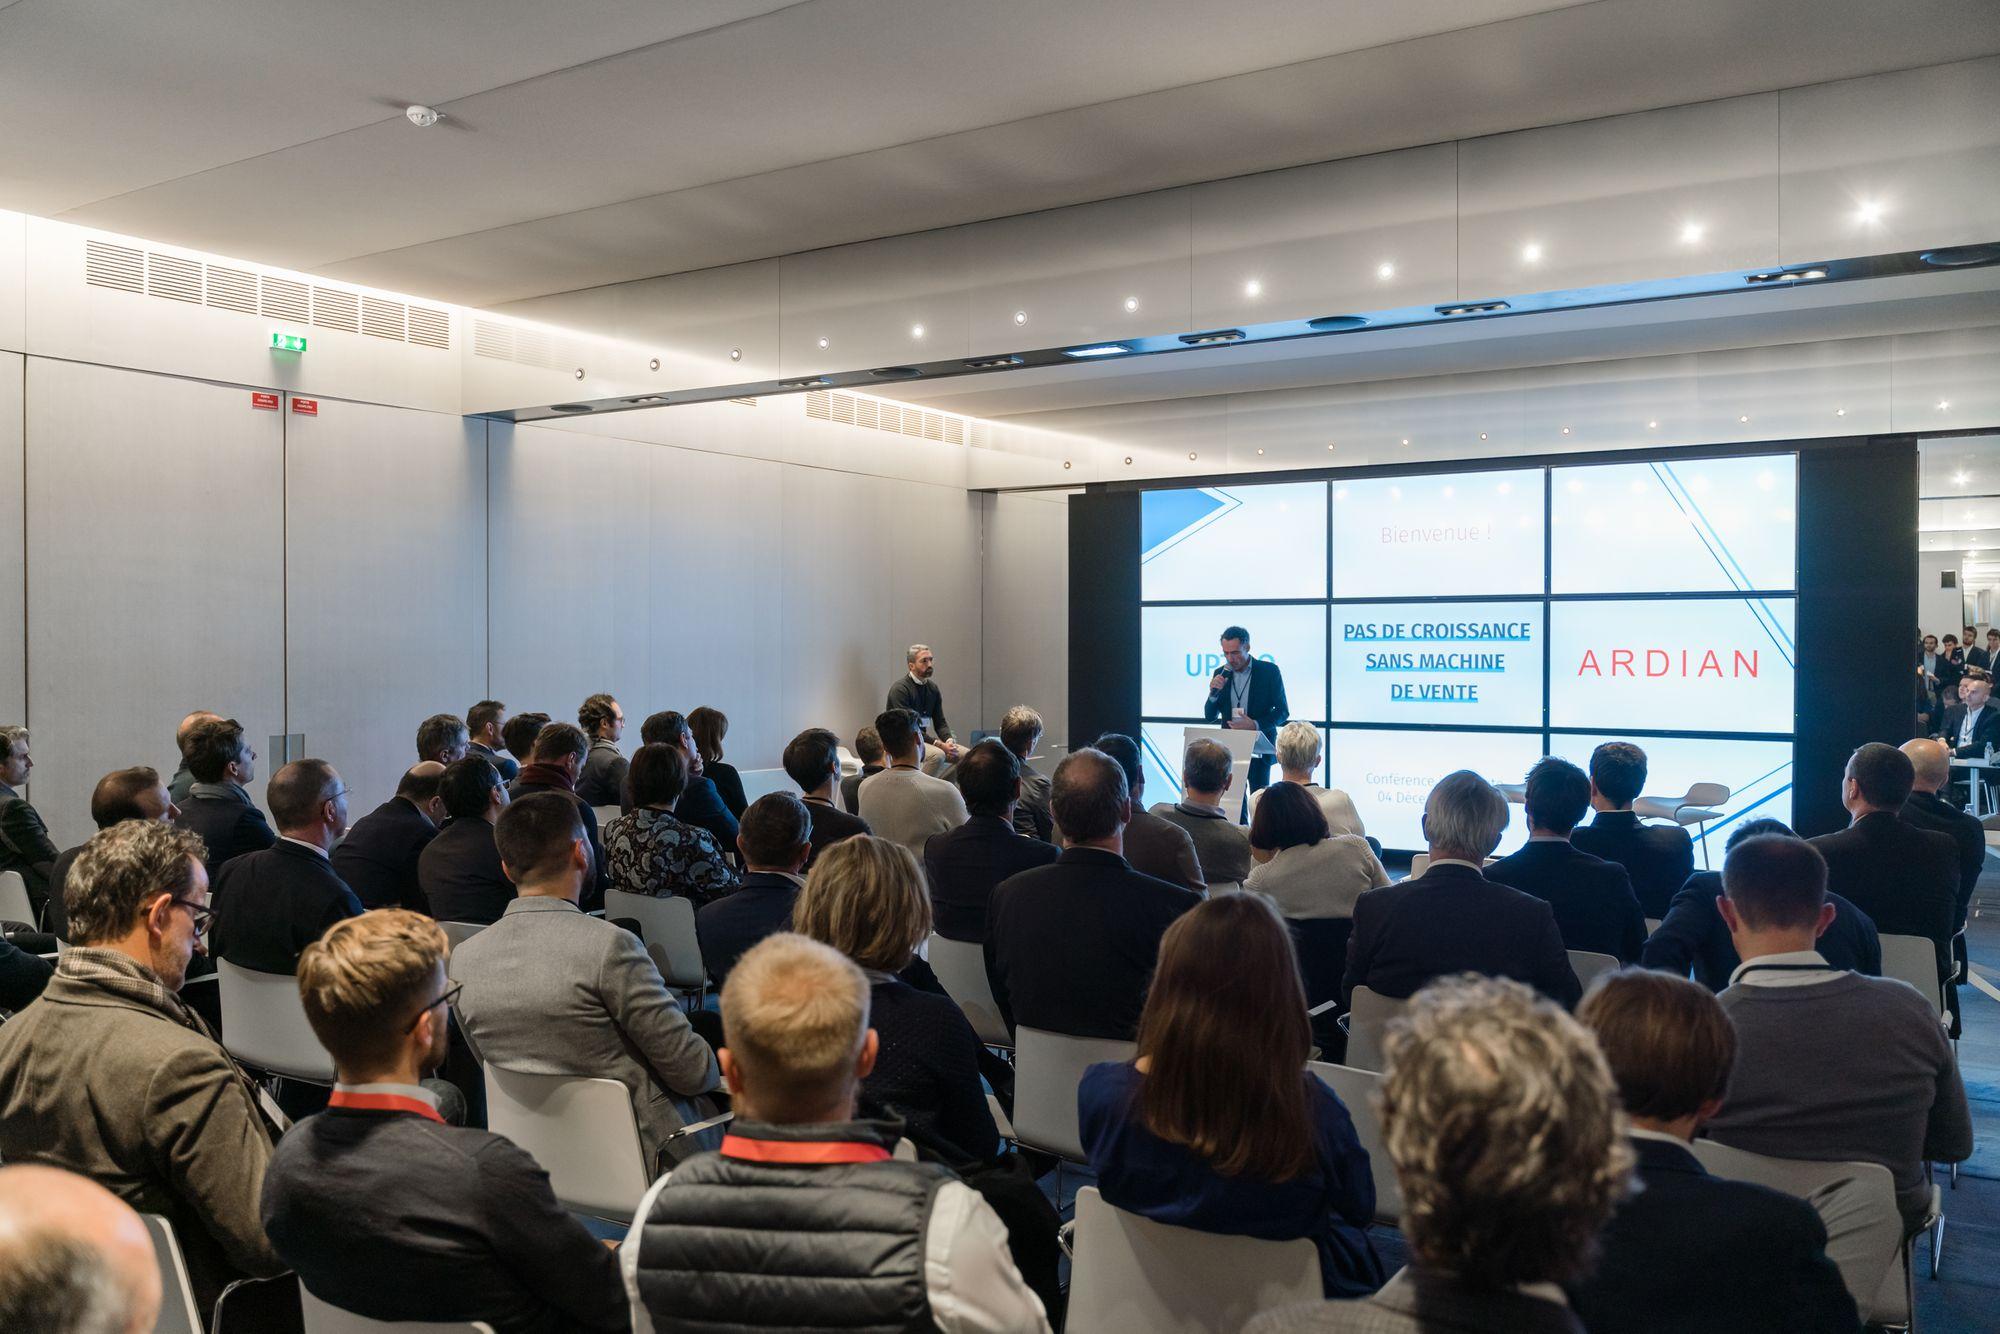 Conférence Inspirante : Pas de croissance sans machine de vente